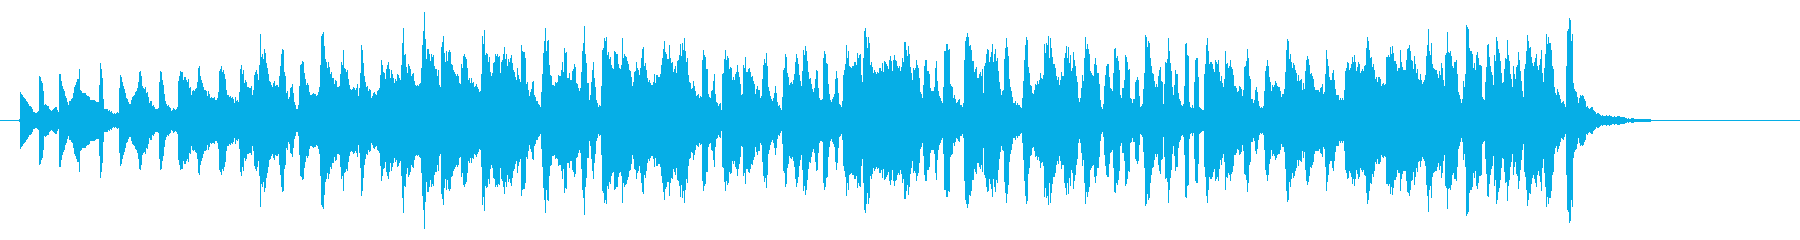 メルヘンポップなアコーディオンジングルの再生済みの波形